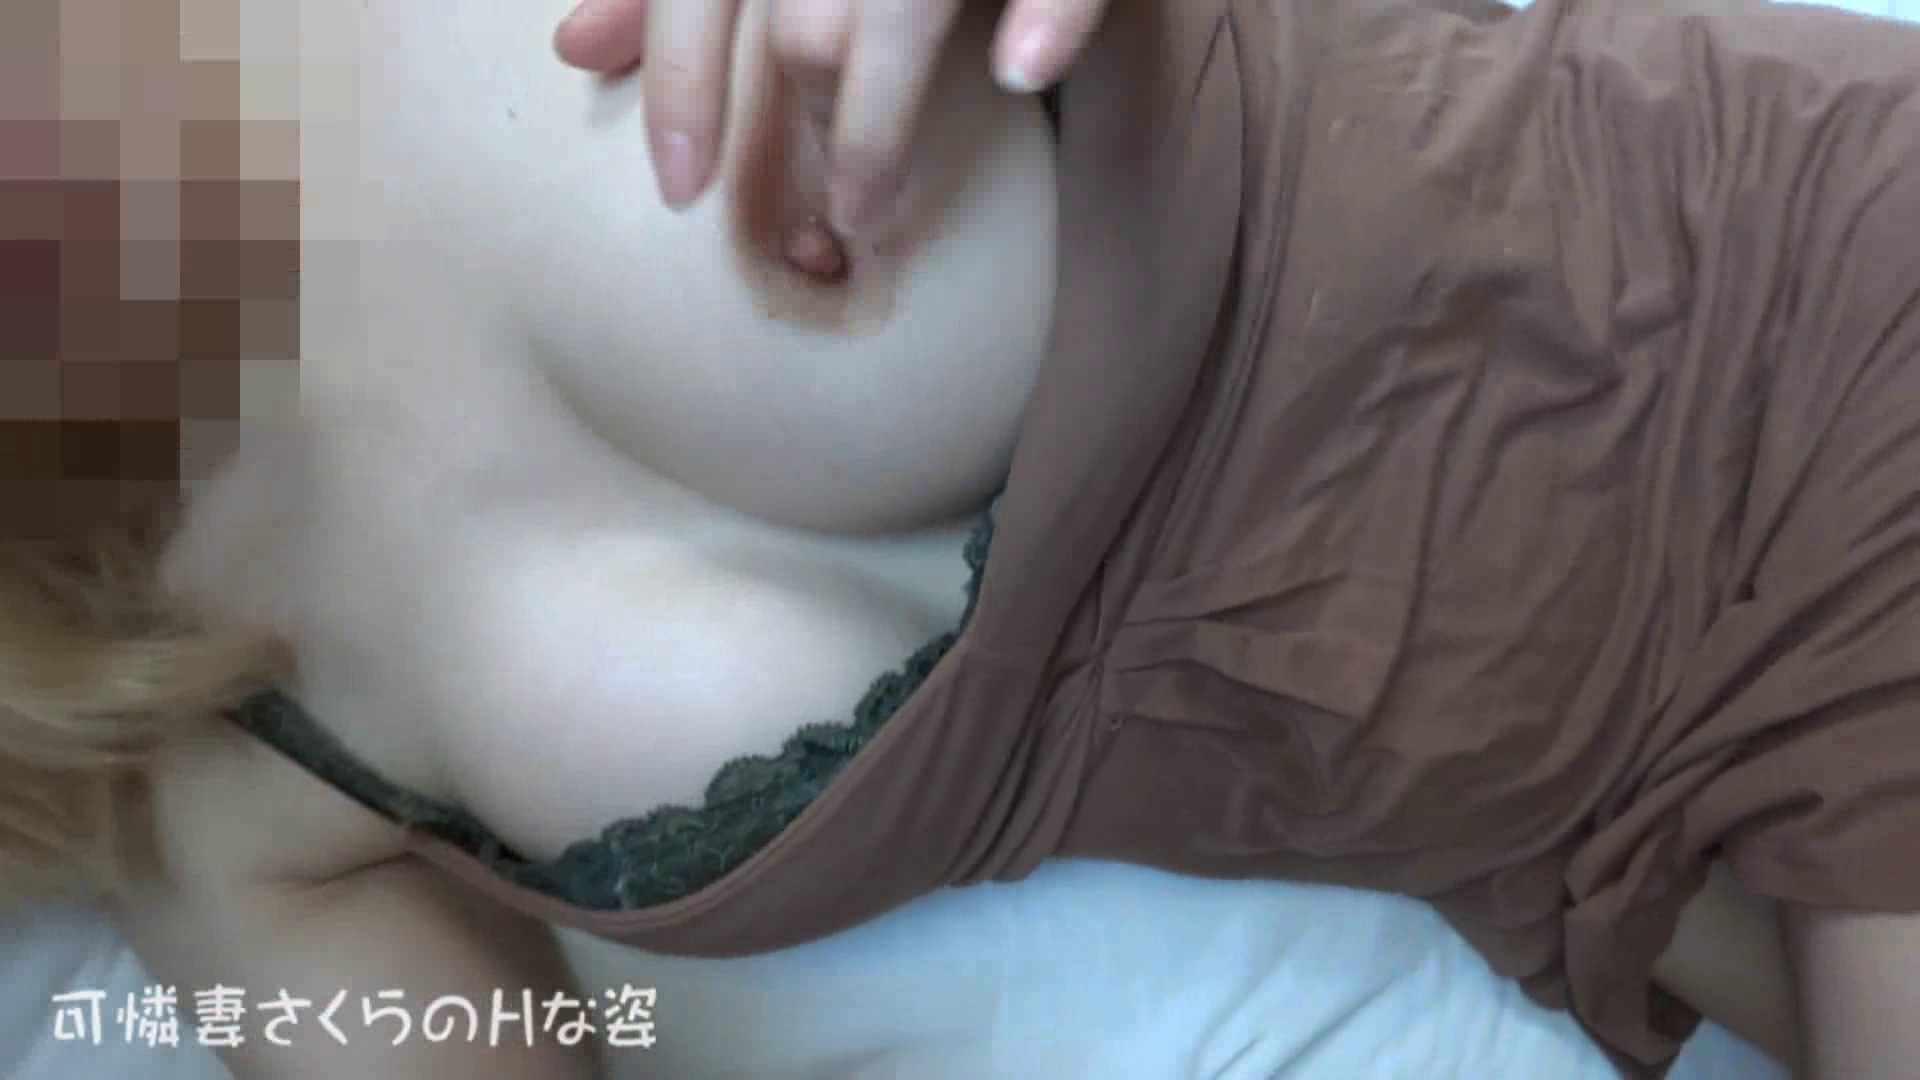 可憐妻さくらのHな姿vol.18 オナニーし放題 | 淫乱  79pic 4